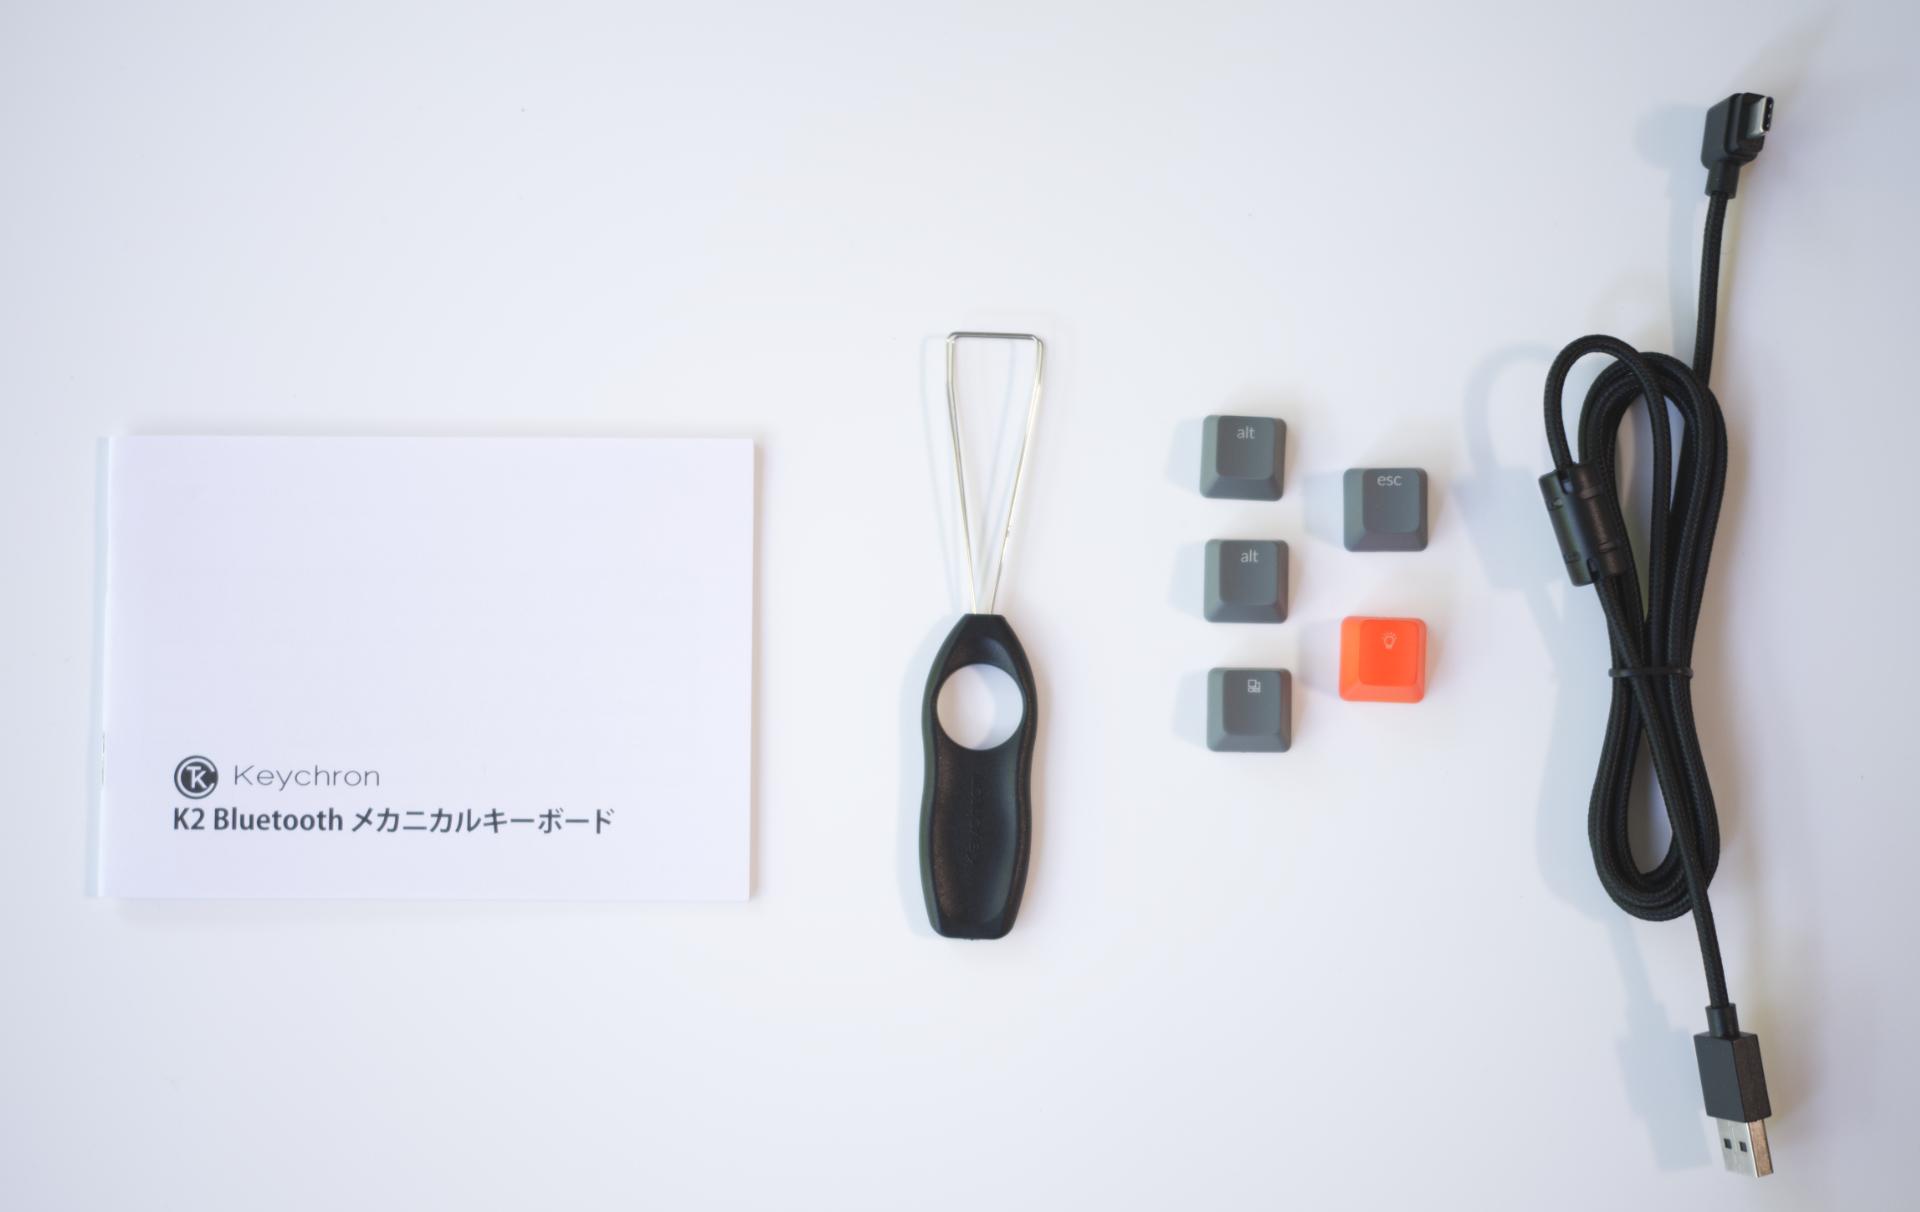 Keychron K2 日本語配列メカニカルキーボード 付属品、取扱説明書